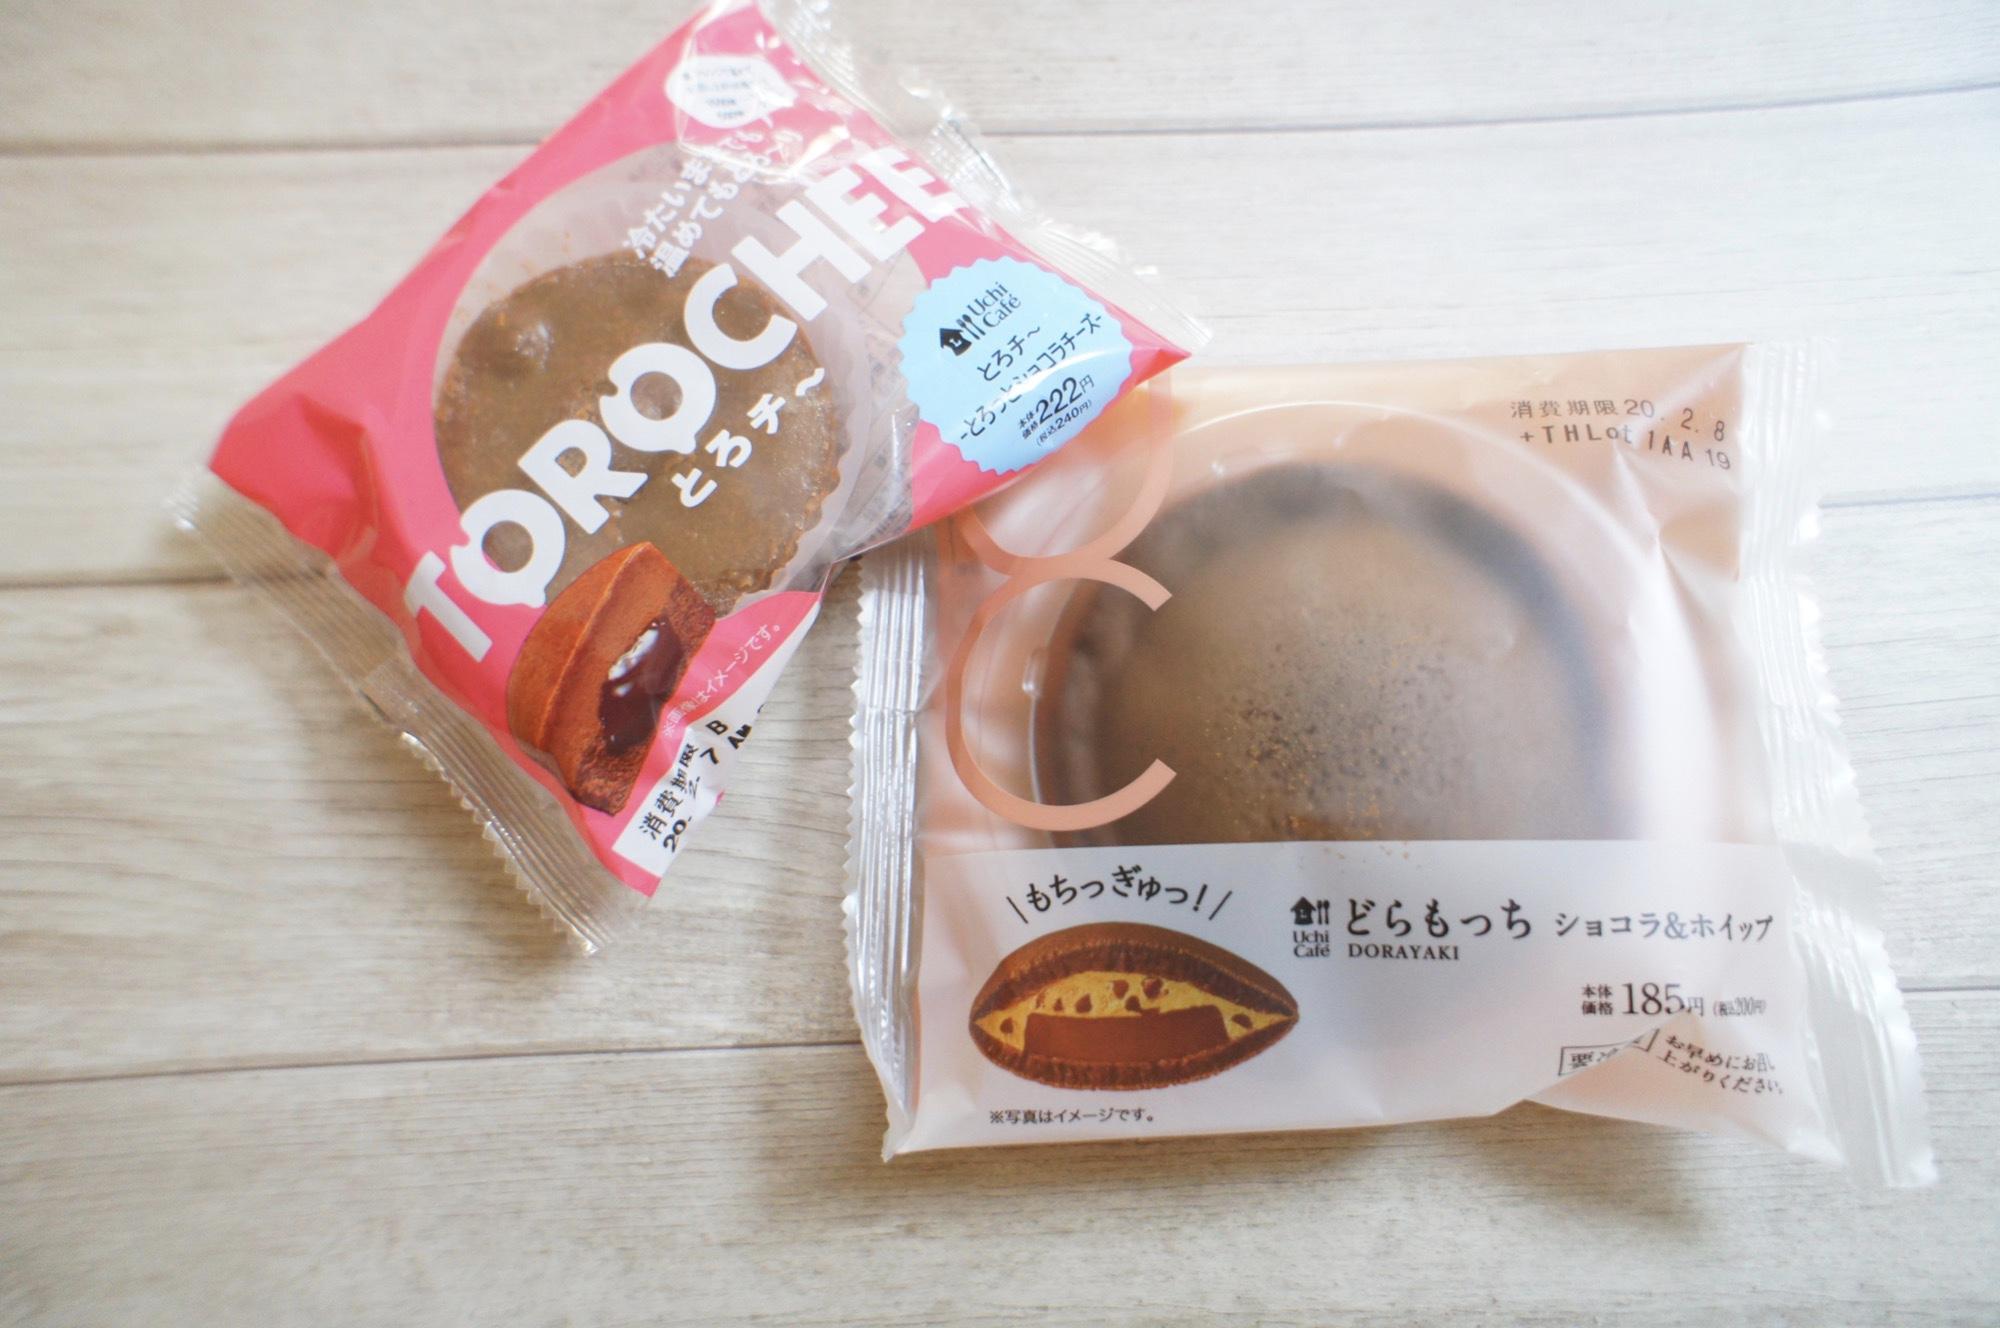 《ショコラスイーツ第2弾❤️》2/4発売!【ローソン】とろチ〜、どらもっちなど豊作☻_1